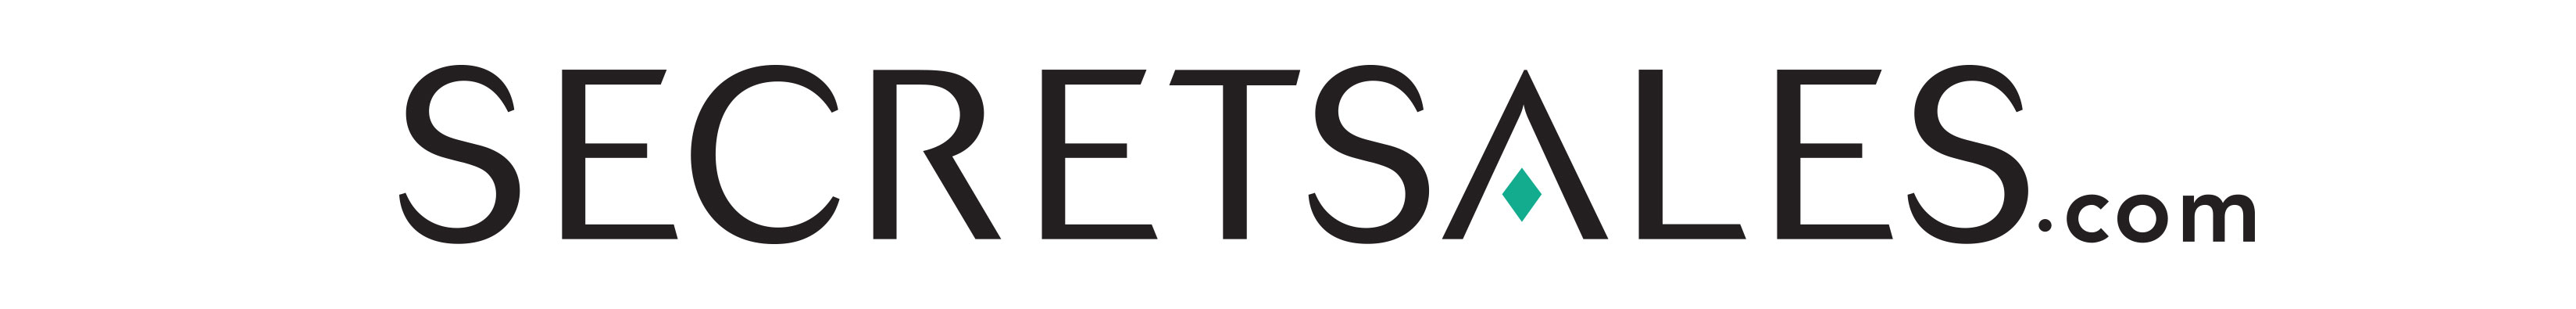 SecretSales logo